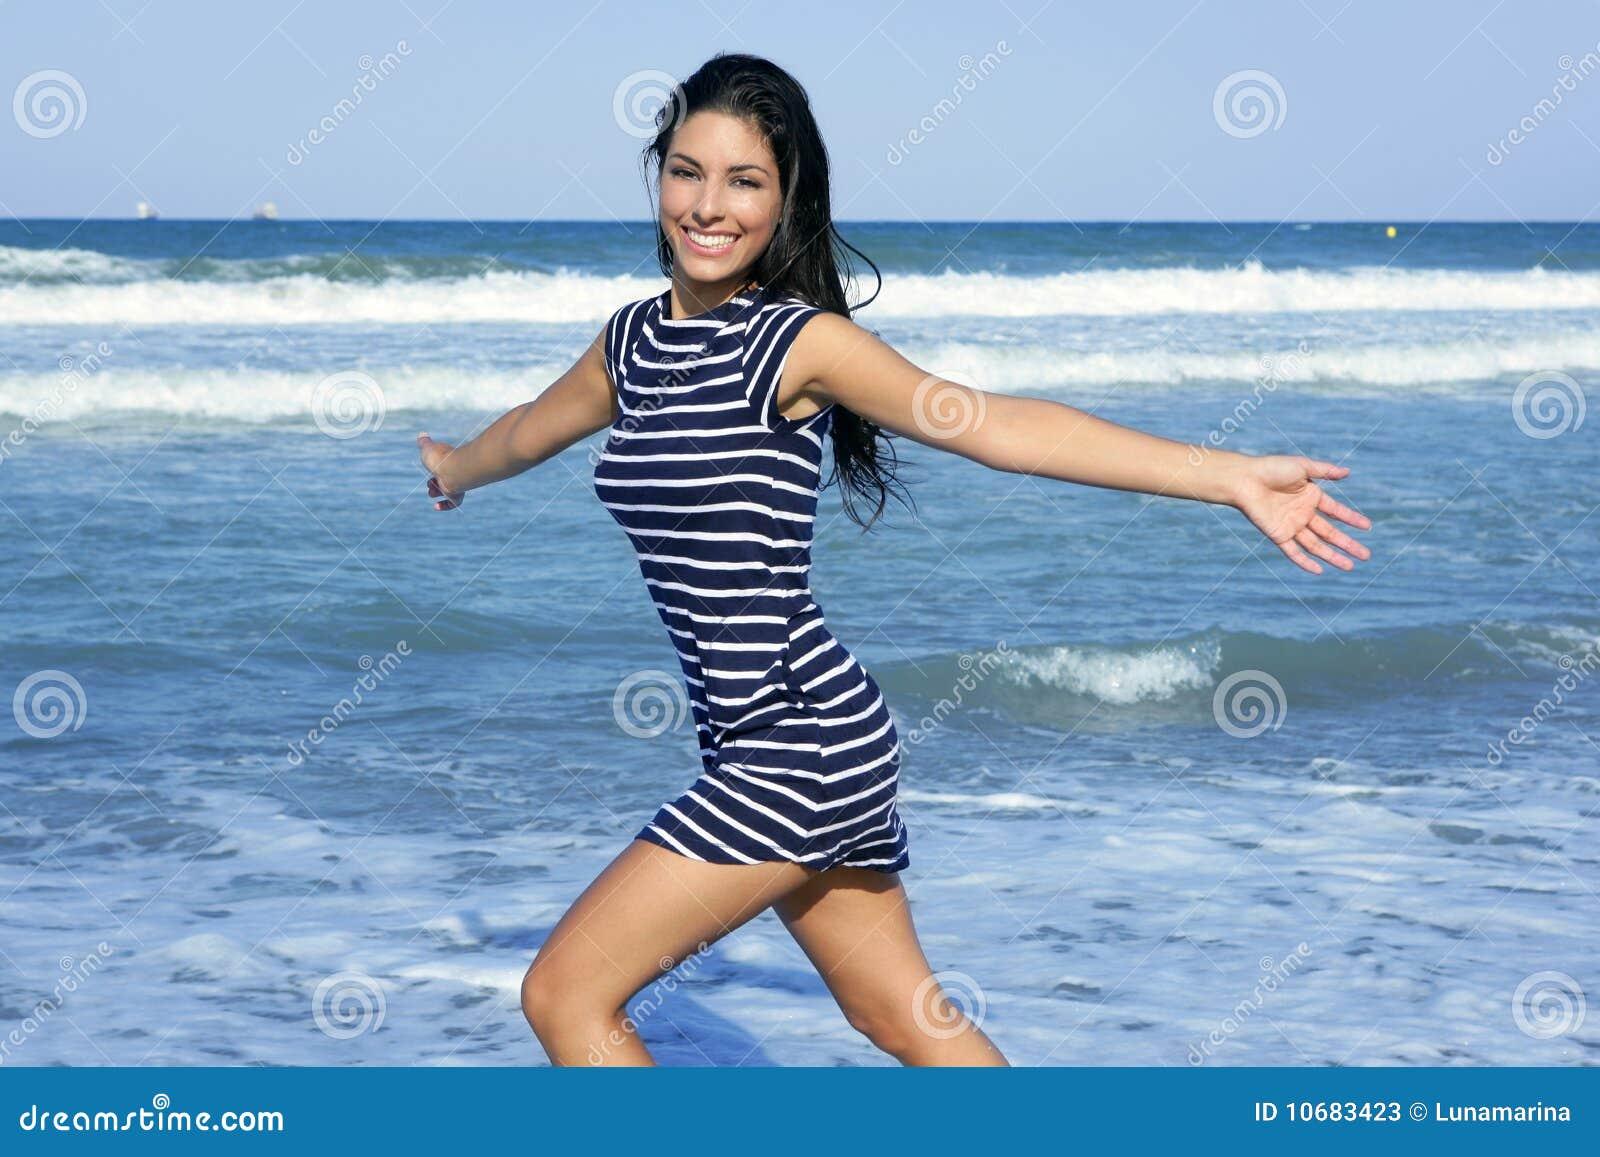 Фото красивых брюнеток на пляжах 8 фотография